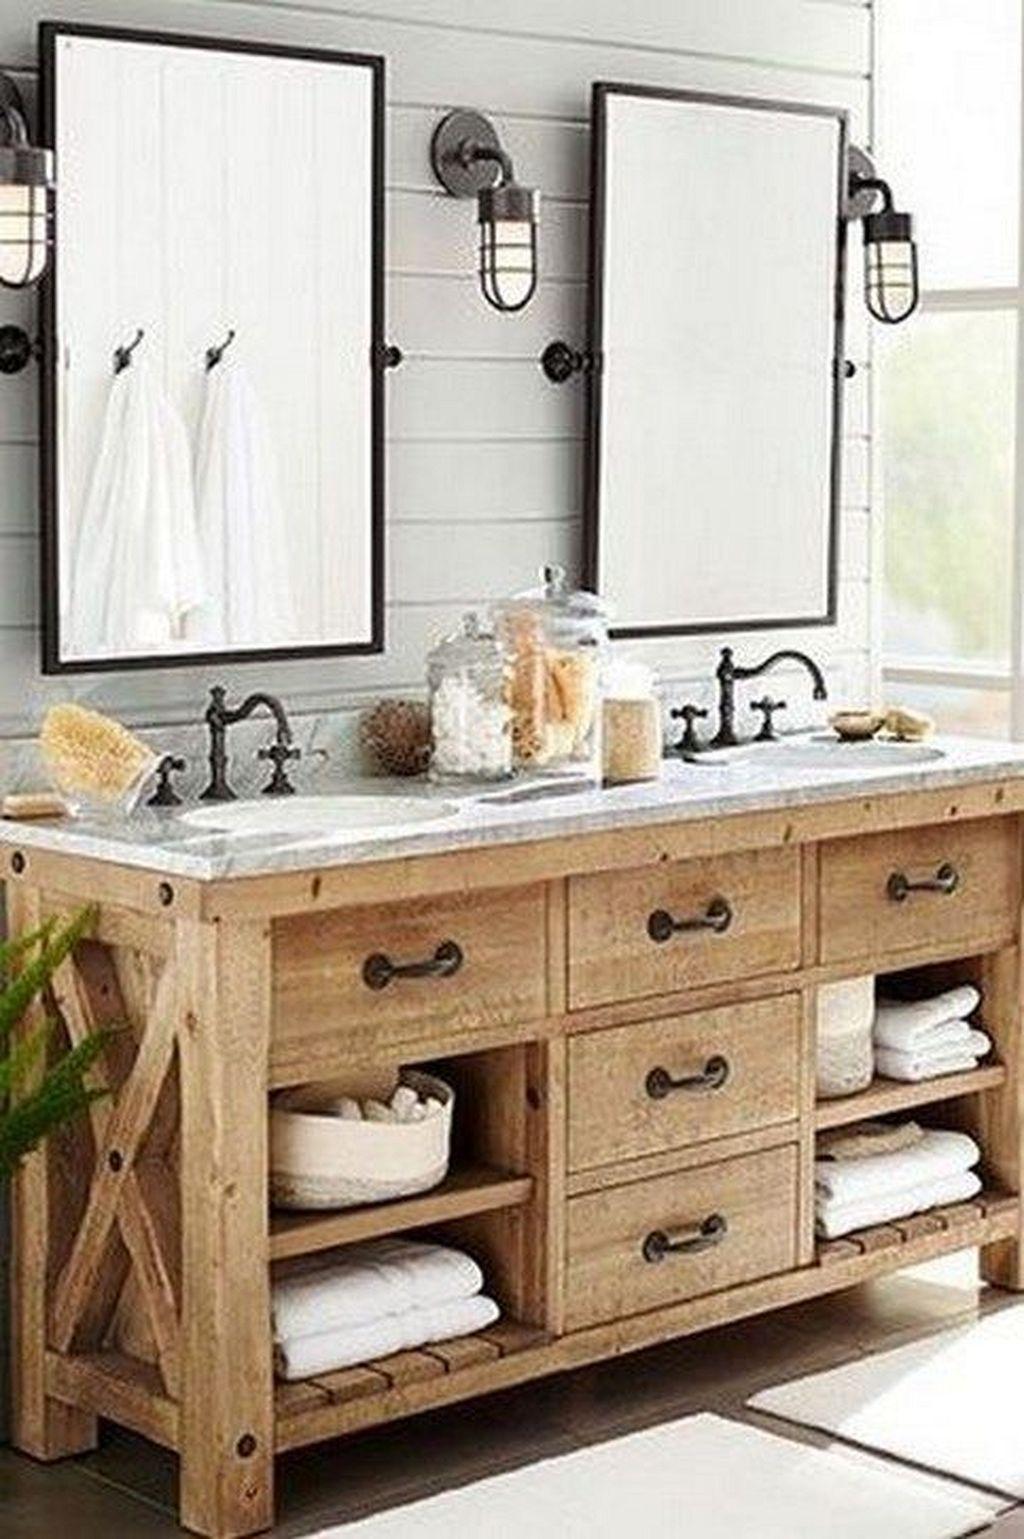 Wonderful Urban Farmhouse Master Bathroom Remodel 13 Rustic